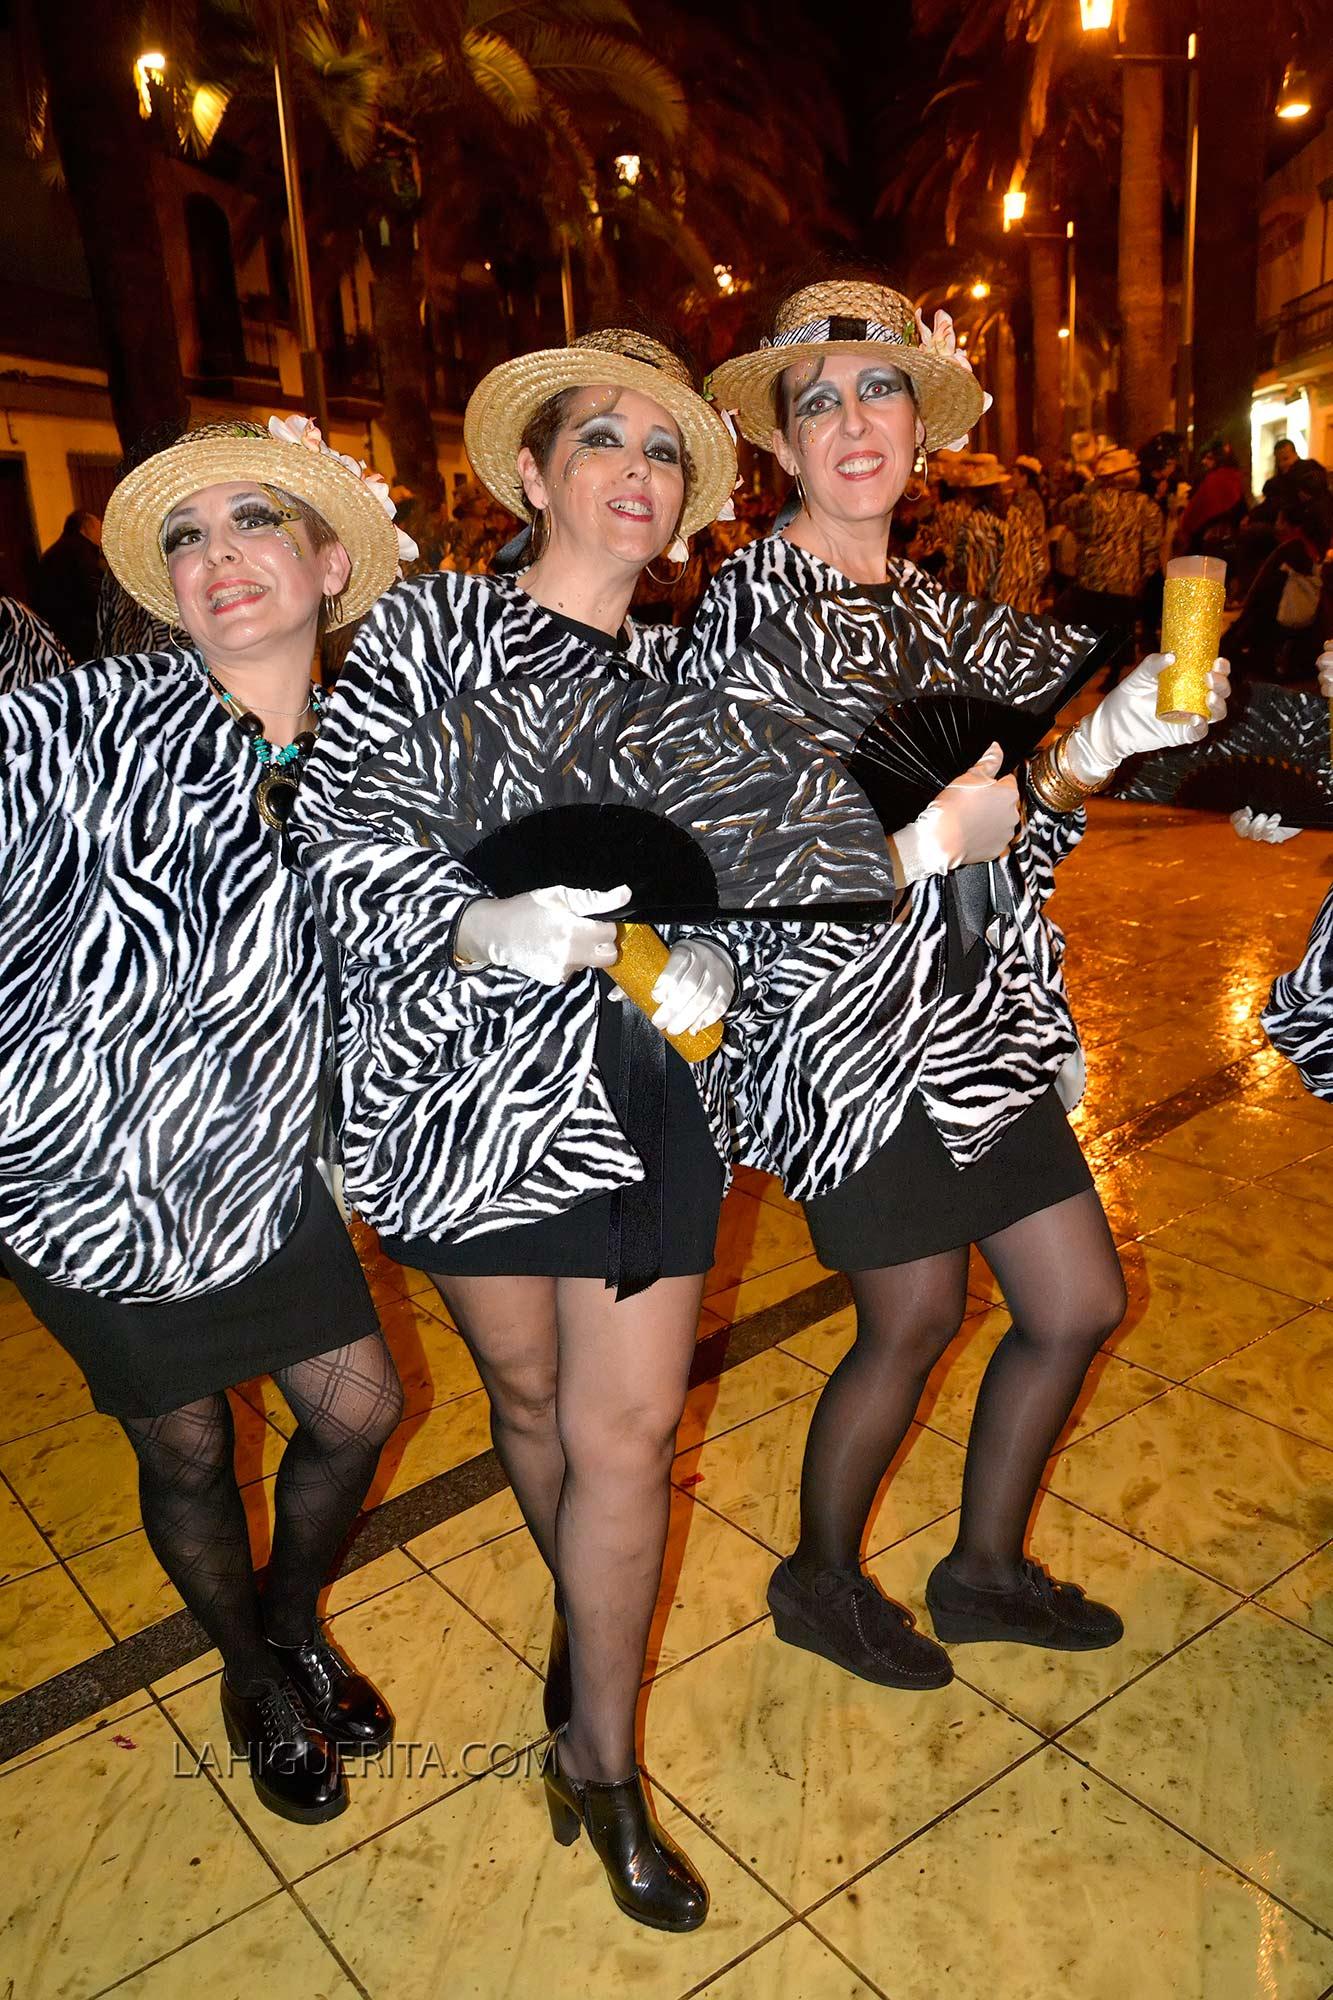 Entierro de la sardina carnaval isla cristina _DSC2204